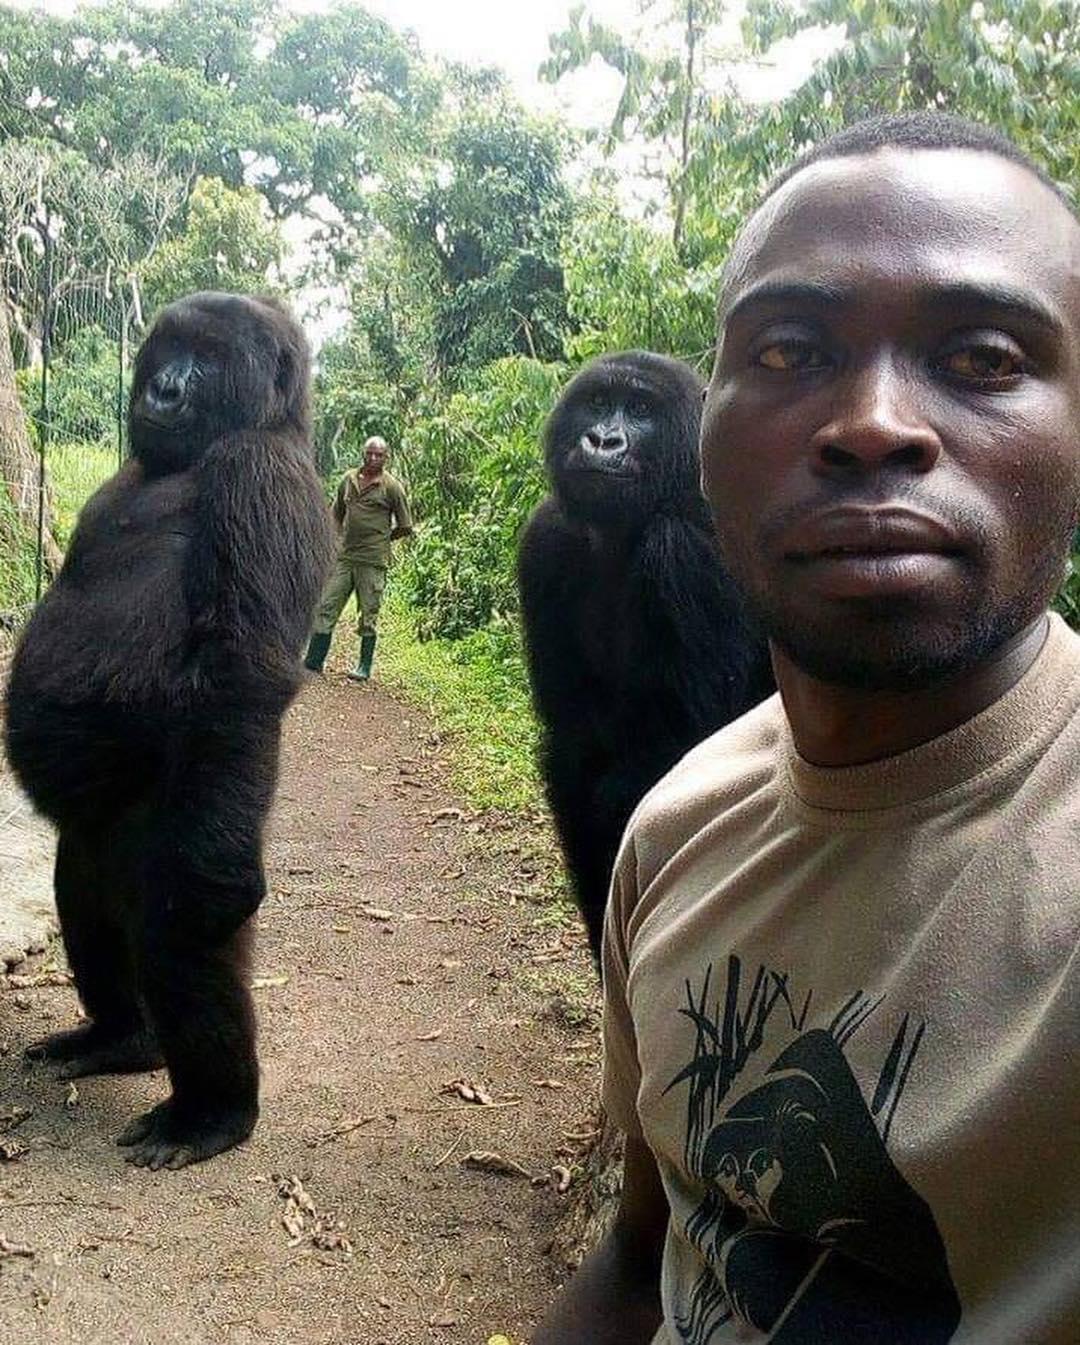 Grupo anti-caçadores e os gorilas que eles ajudam a preservar